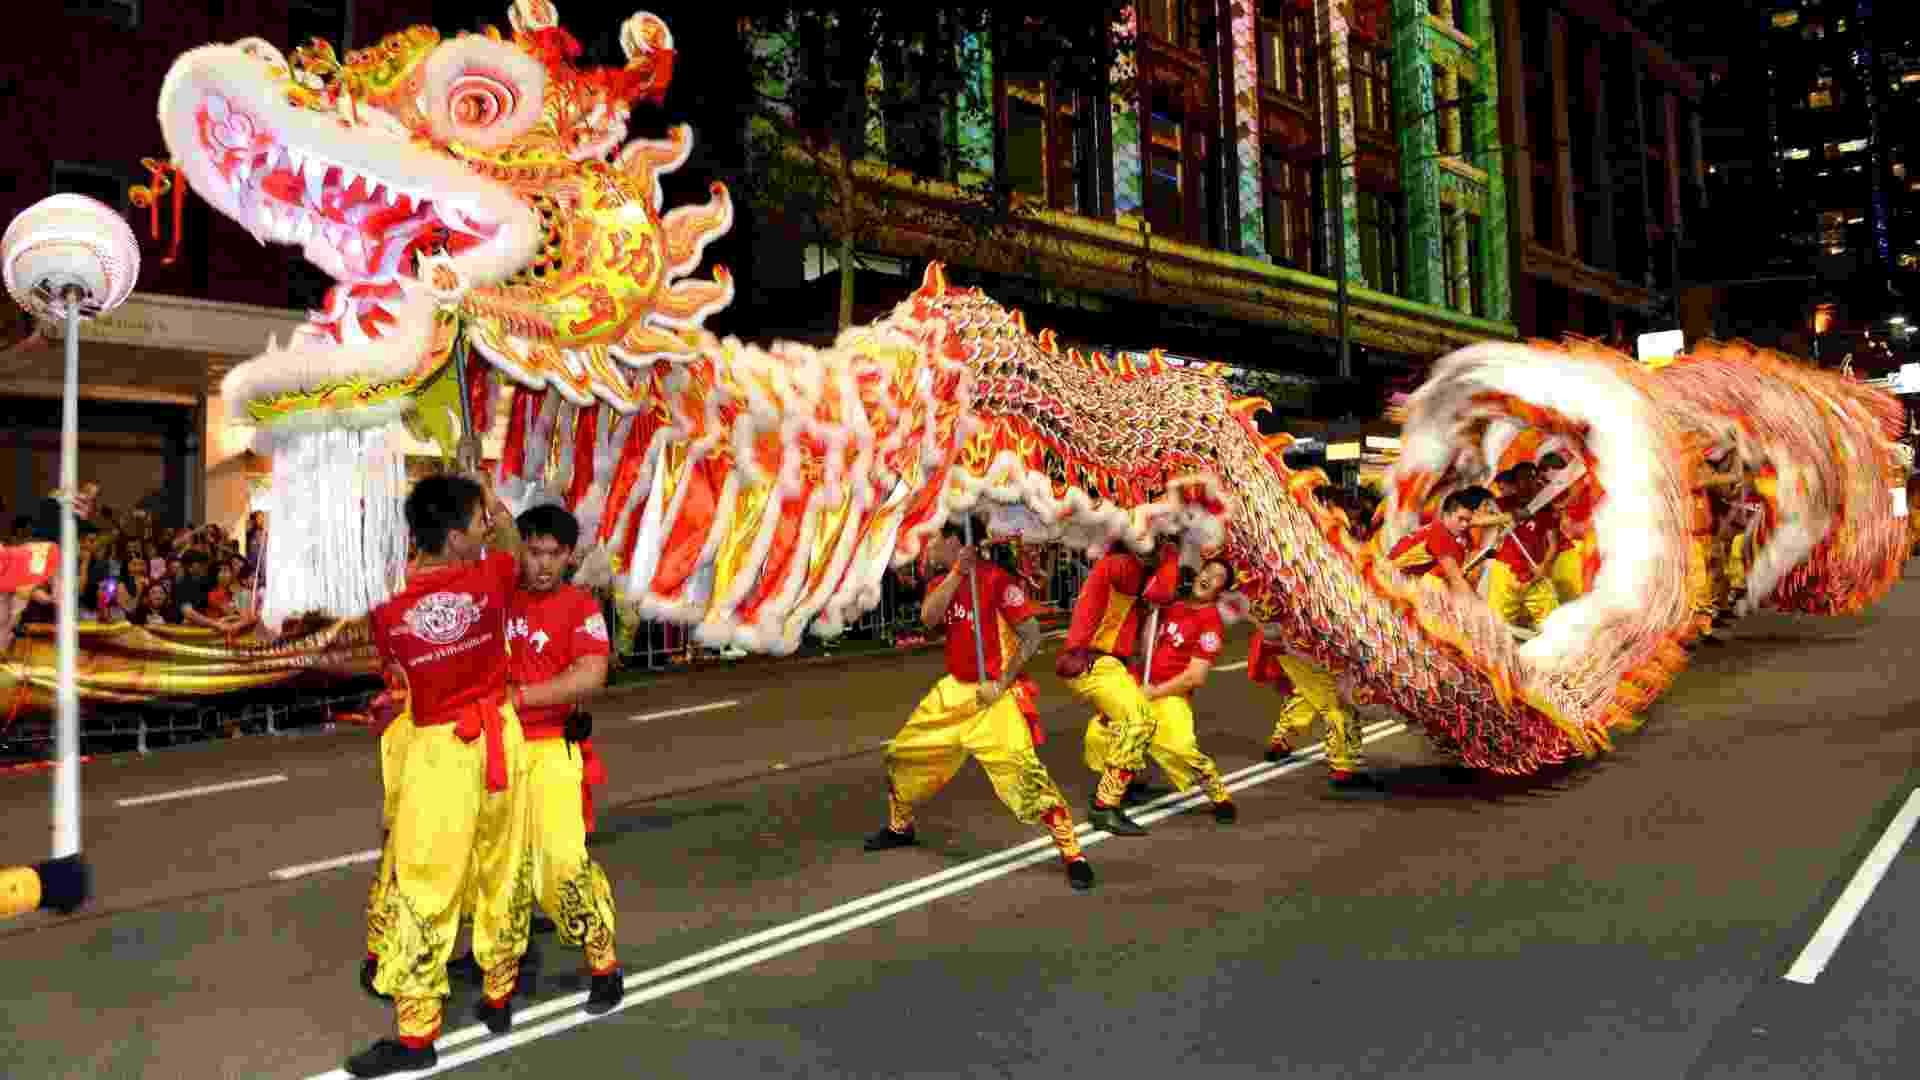 17.fev.2013 - Dragão anima multidão durante desfile do Ano Novo Chinês em Sydney, na Austrália, neste domingo (17). O evento contou com mais de 3.500 artistas chineses e australianos - William Wset/AFP